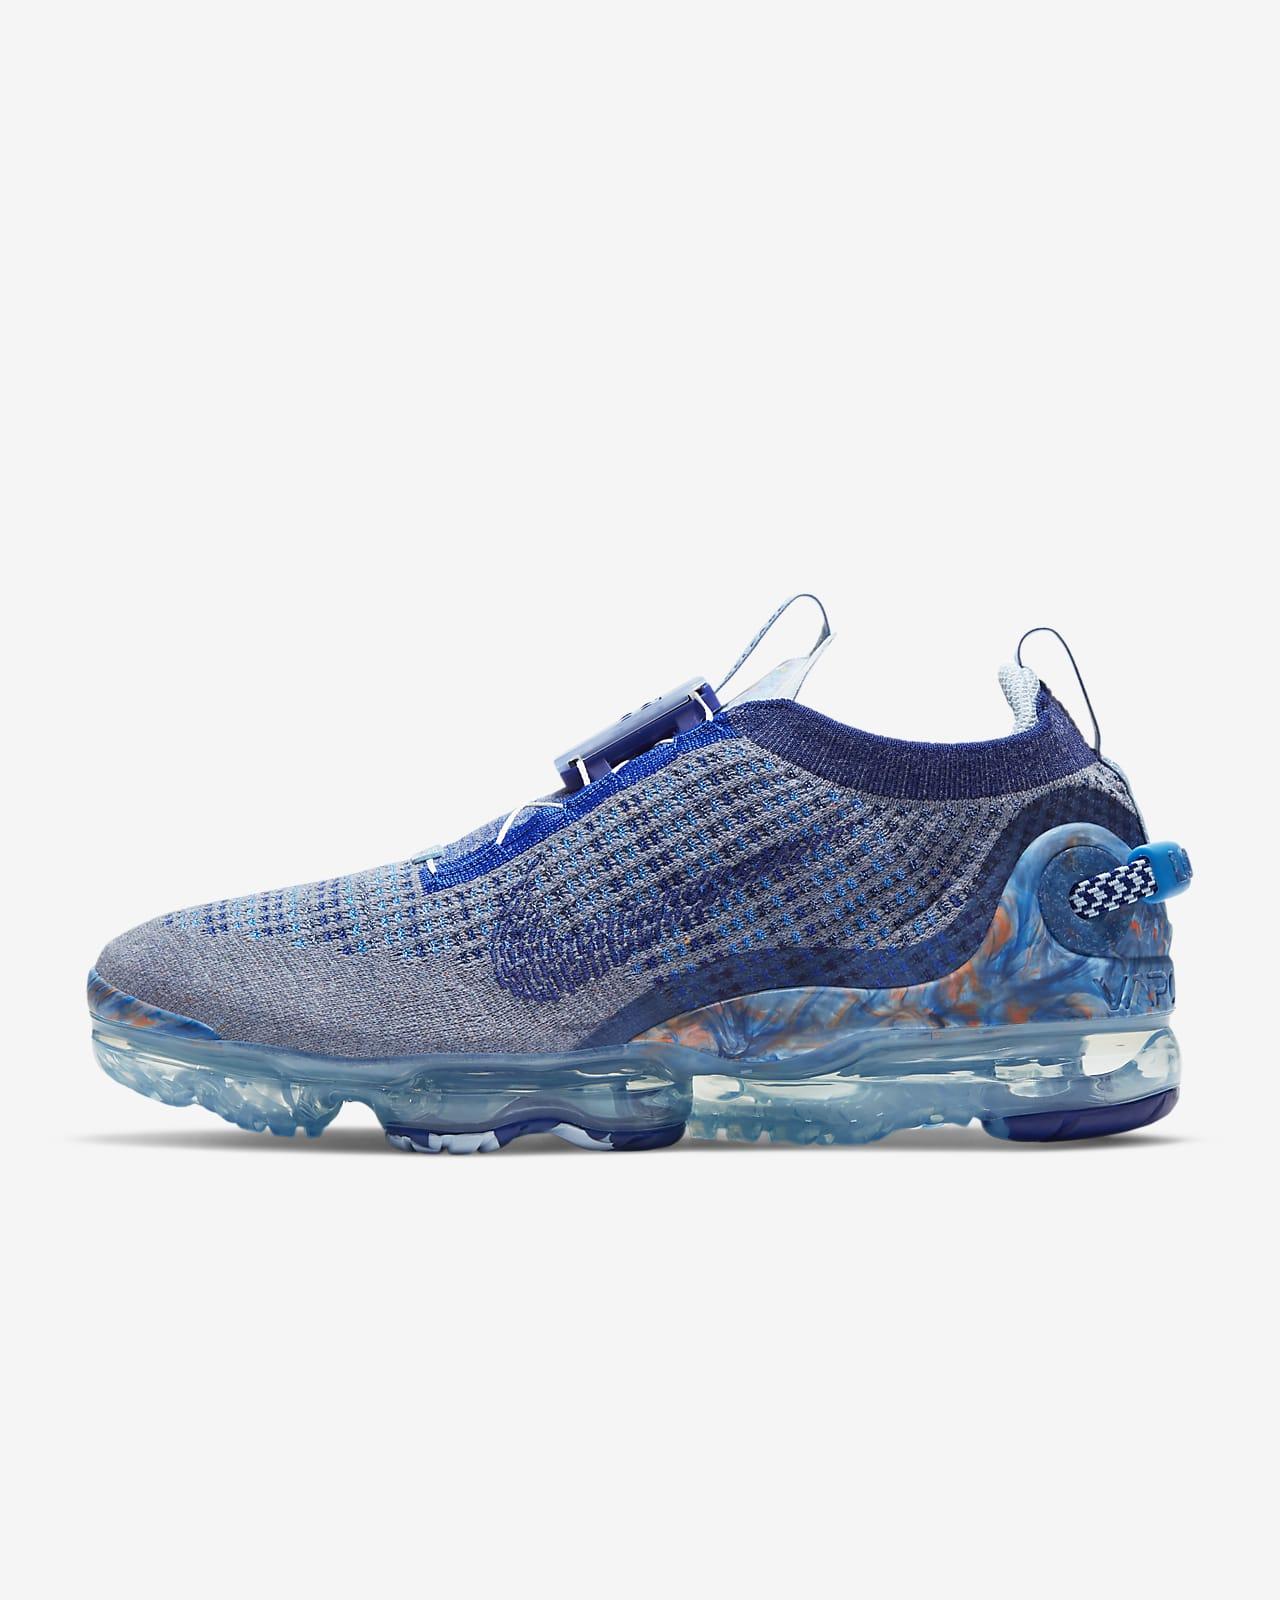 รองเท้าผู้ชาย Nike Air VaporMax 2020 Flyknit